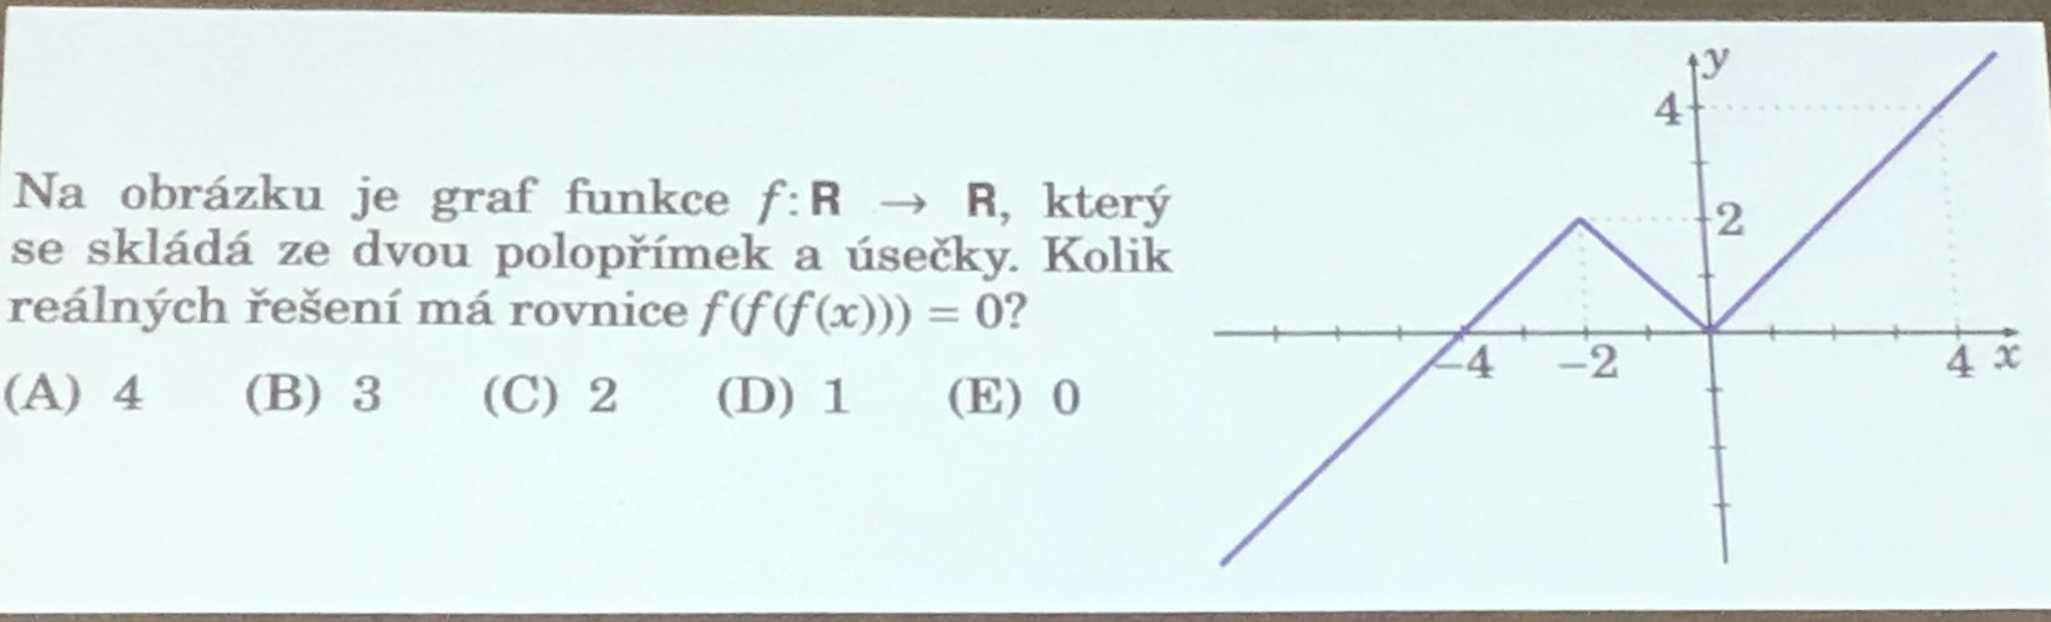 http://forum.matematika.cz/upload3/img/2019-03/86226_6071B3DE-FE2D-4D53-BC82-E27EB7A4F45B.jpeg